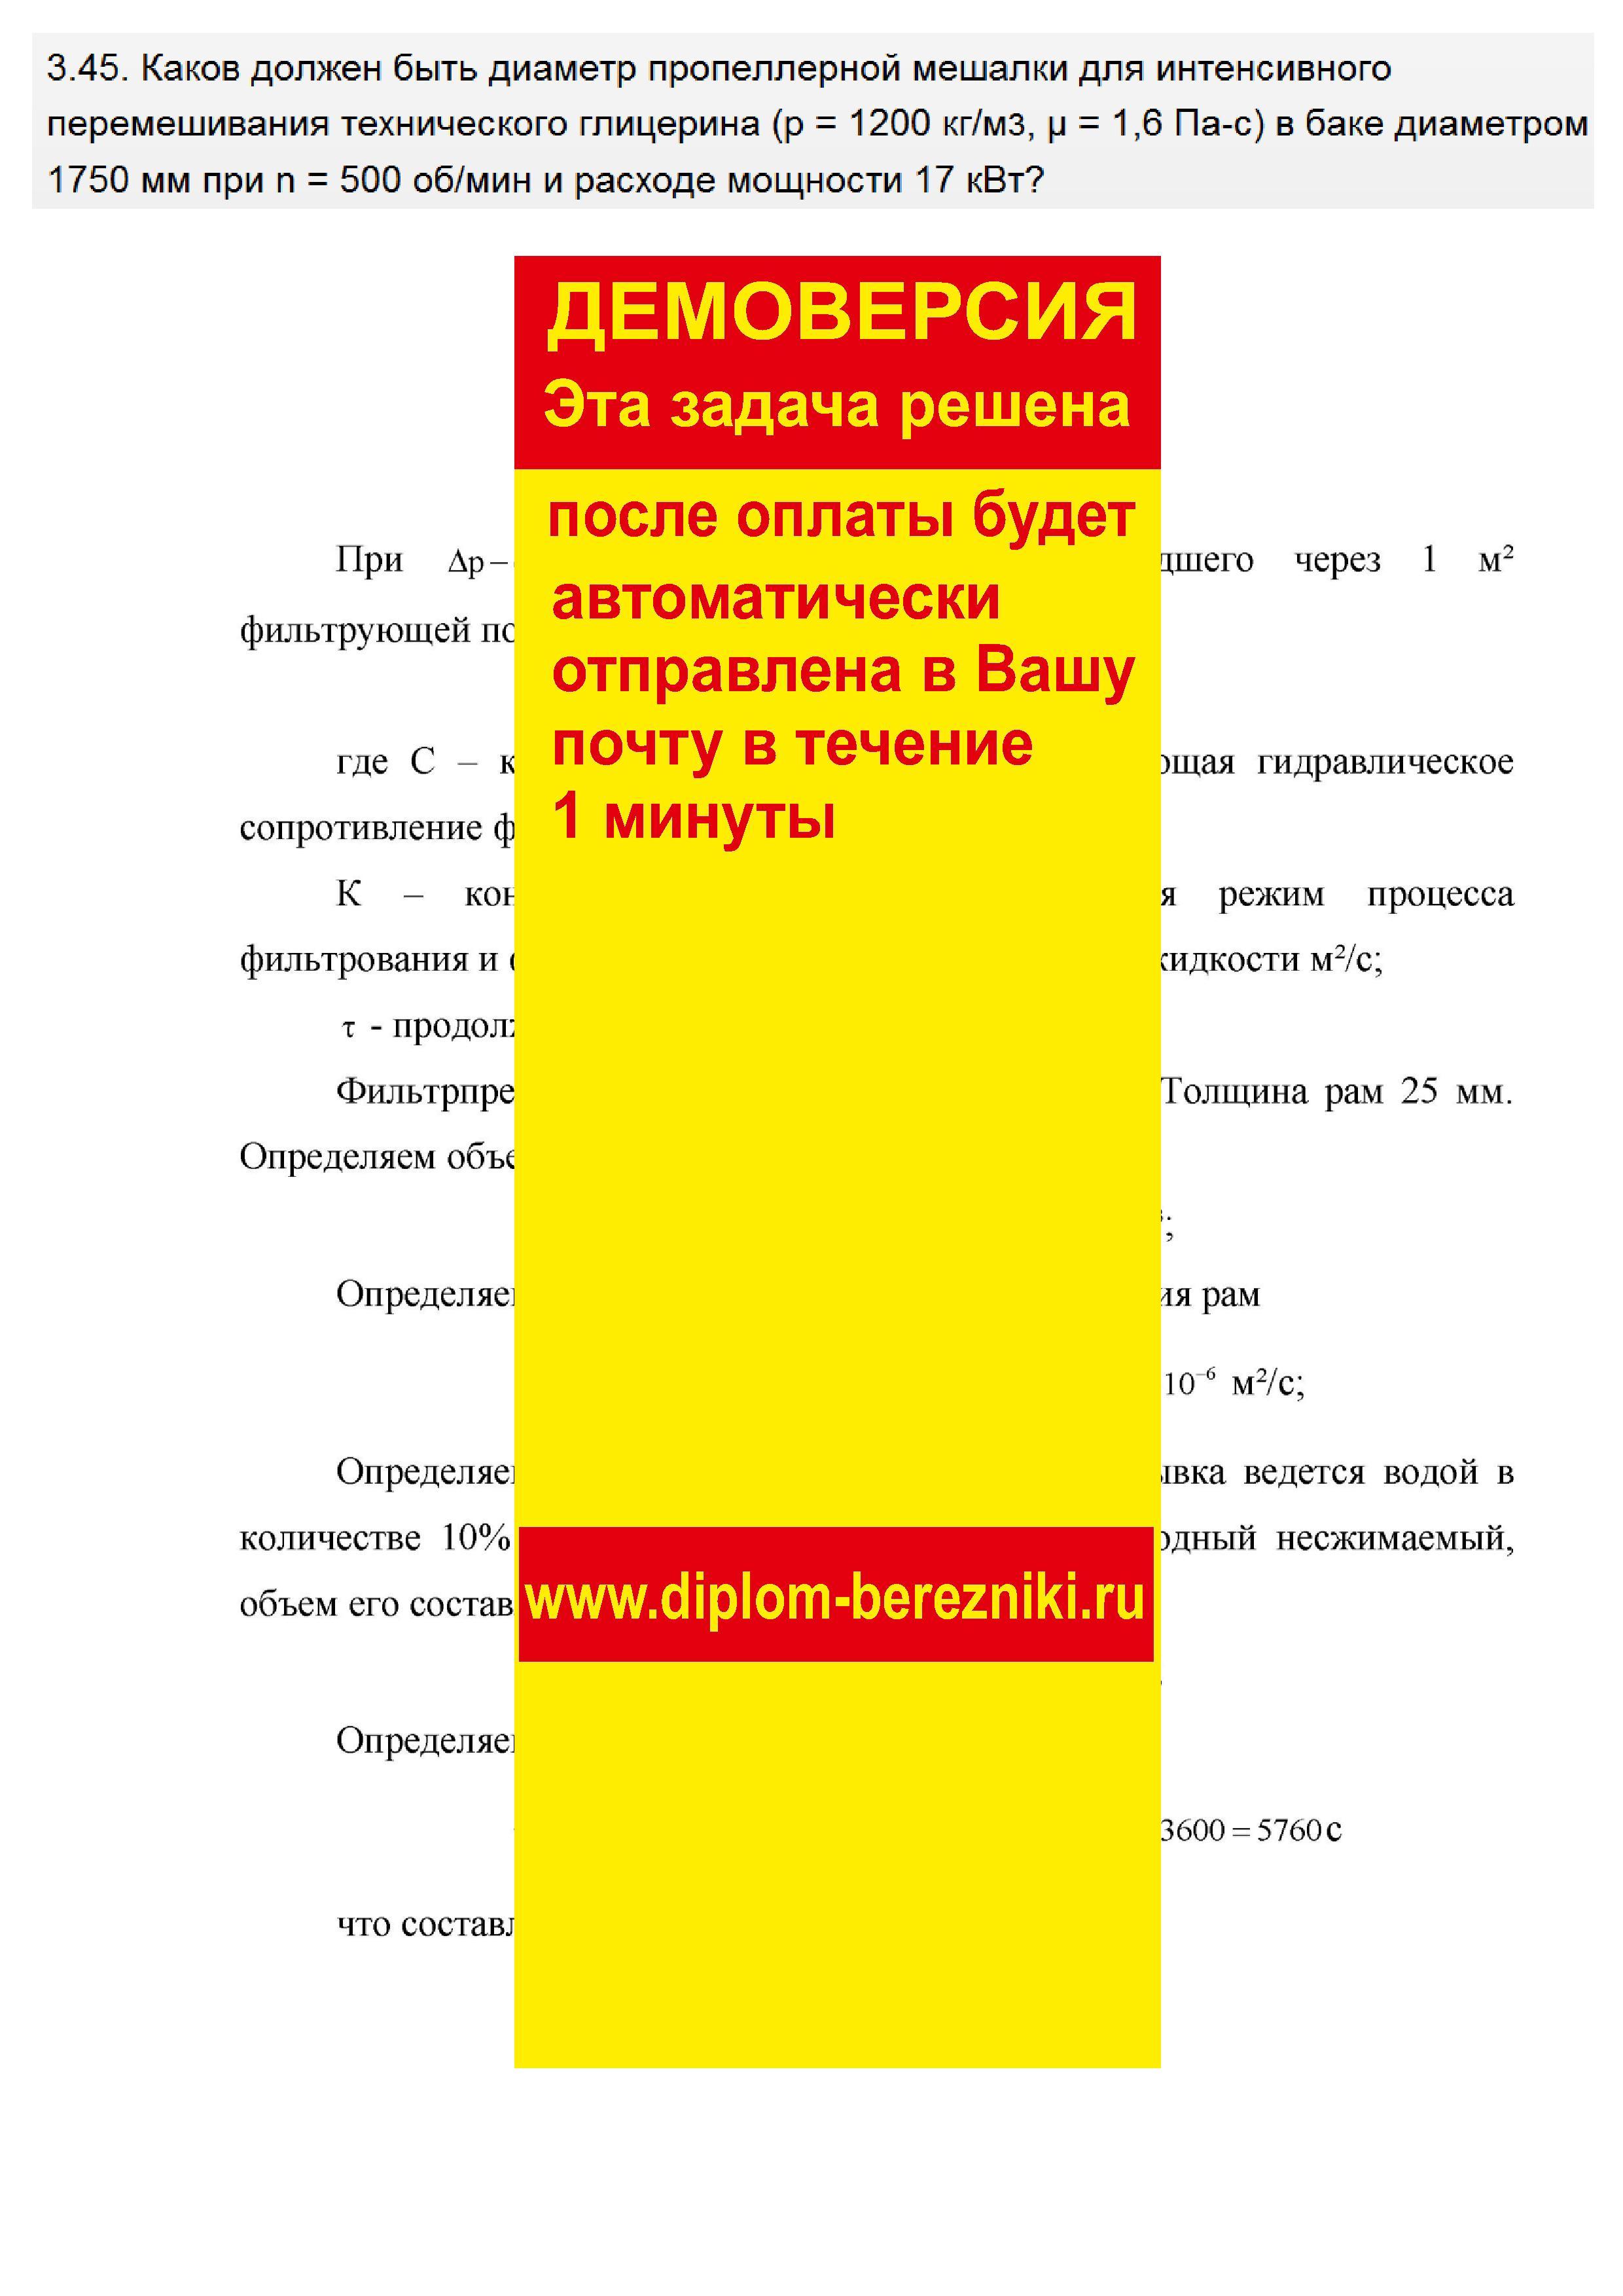 Решение задачи 3.45 по ПАХТ из задачника Павлова Романкова Носкова